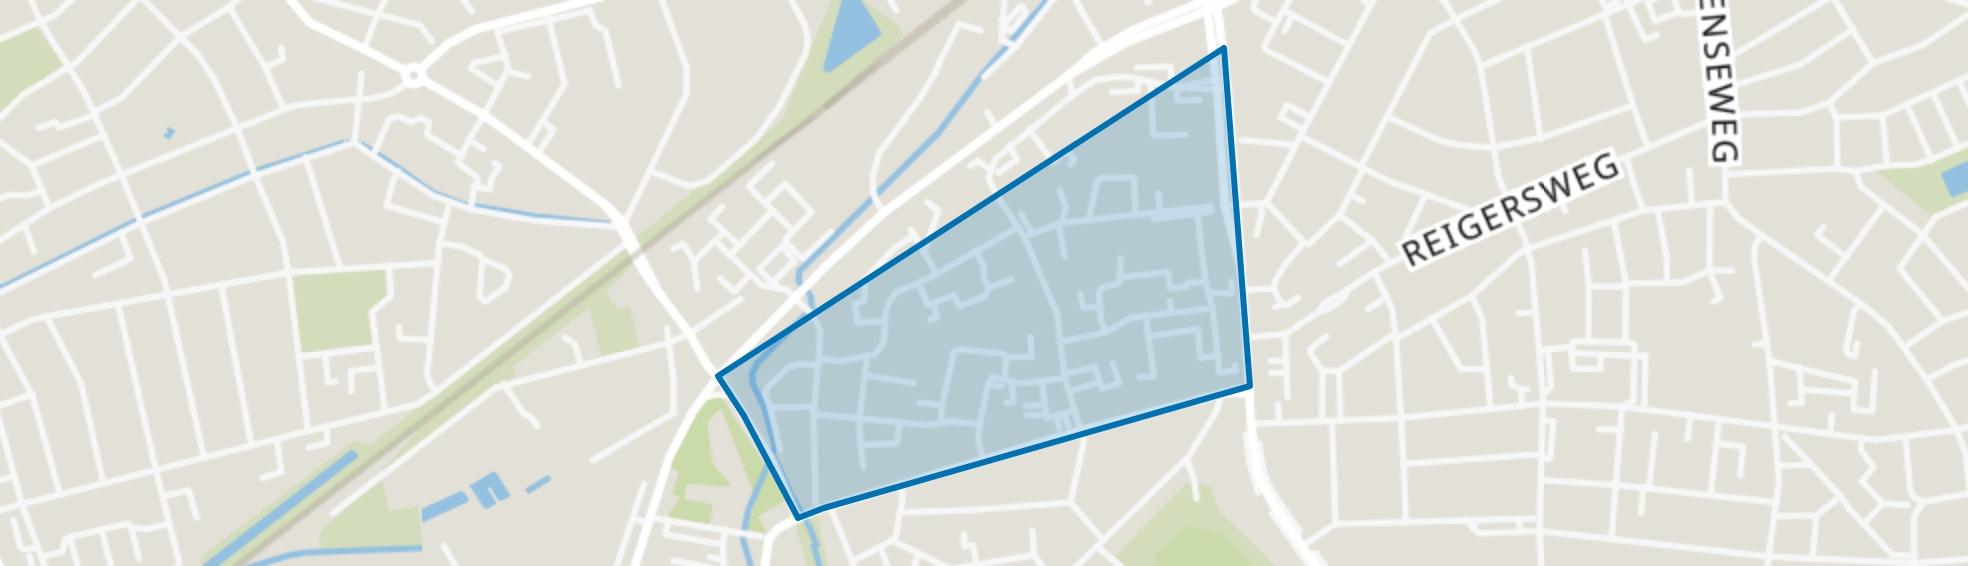 De Heeze, Apeldoorn map